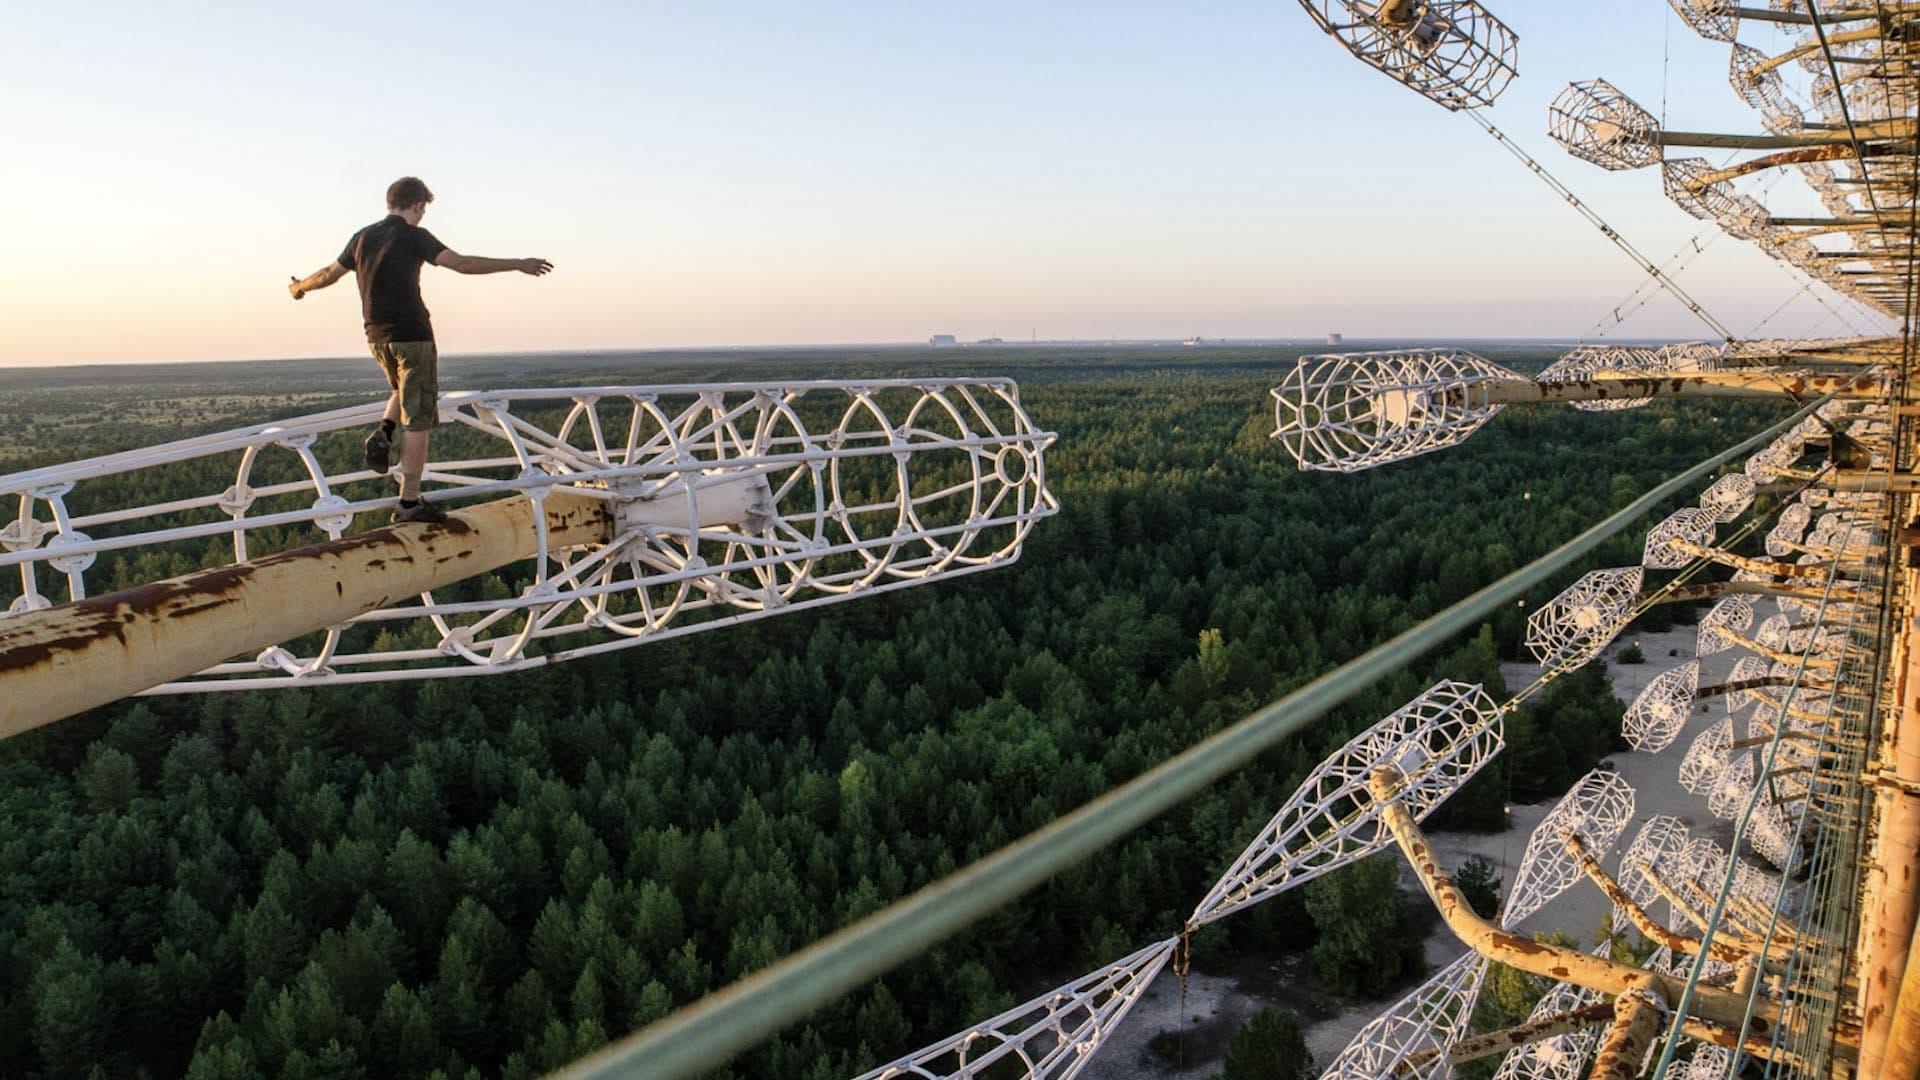 stalking-chernobyl-film@2x